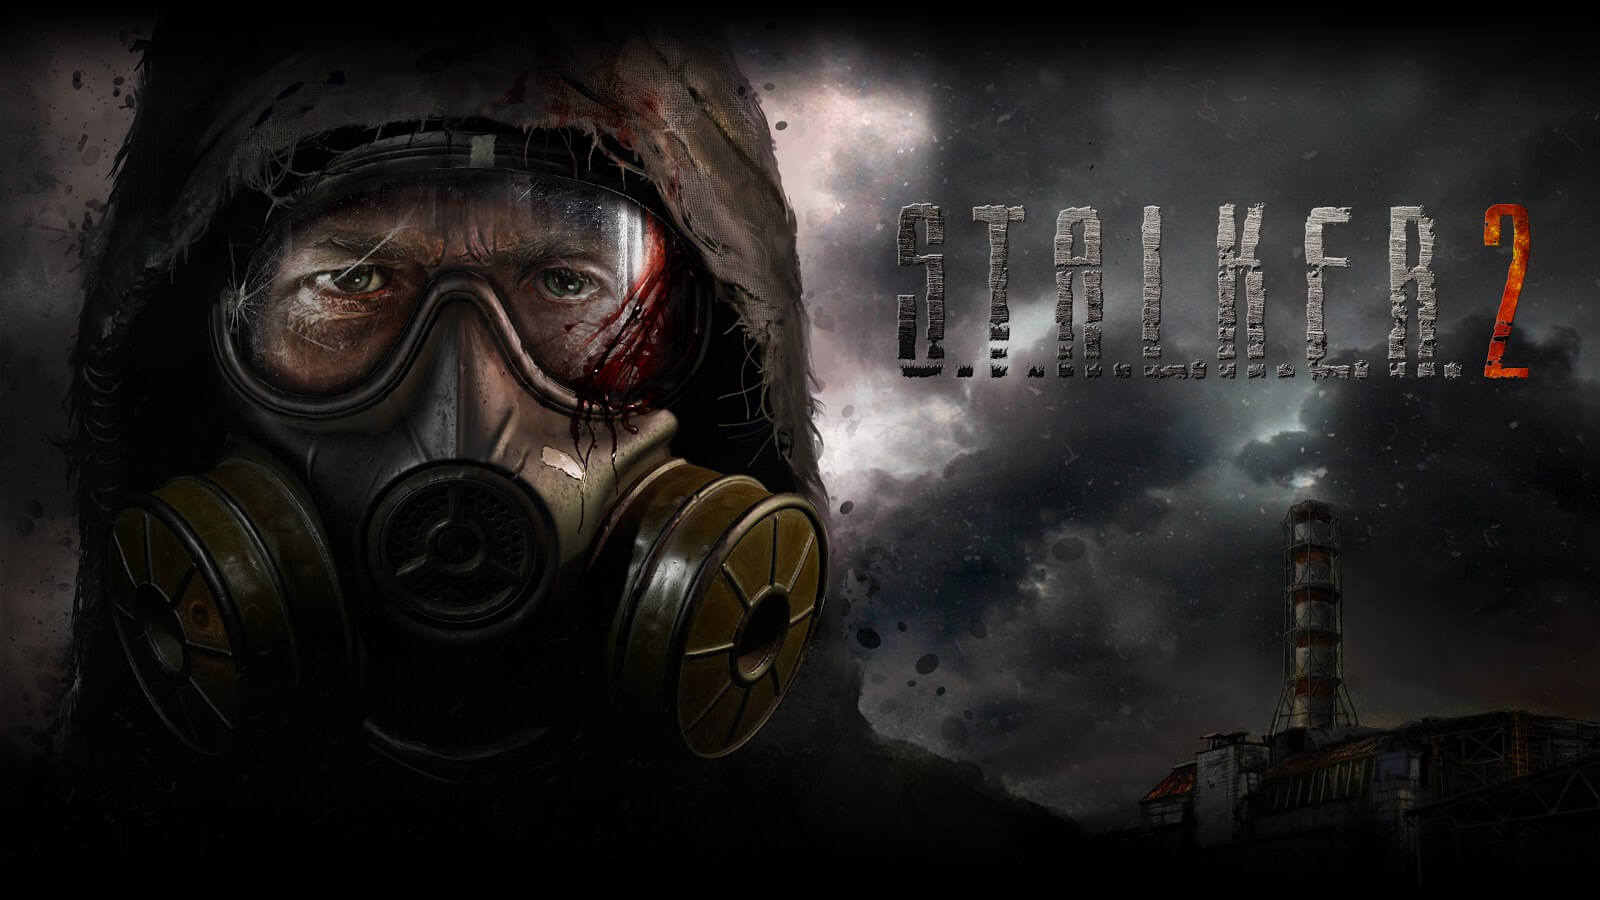 stalker2_art_uhd.jpg